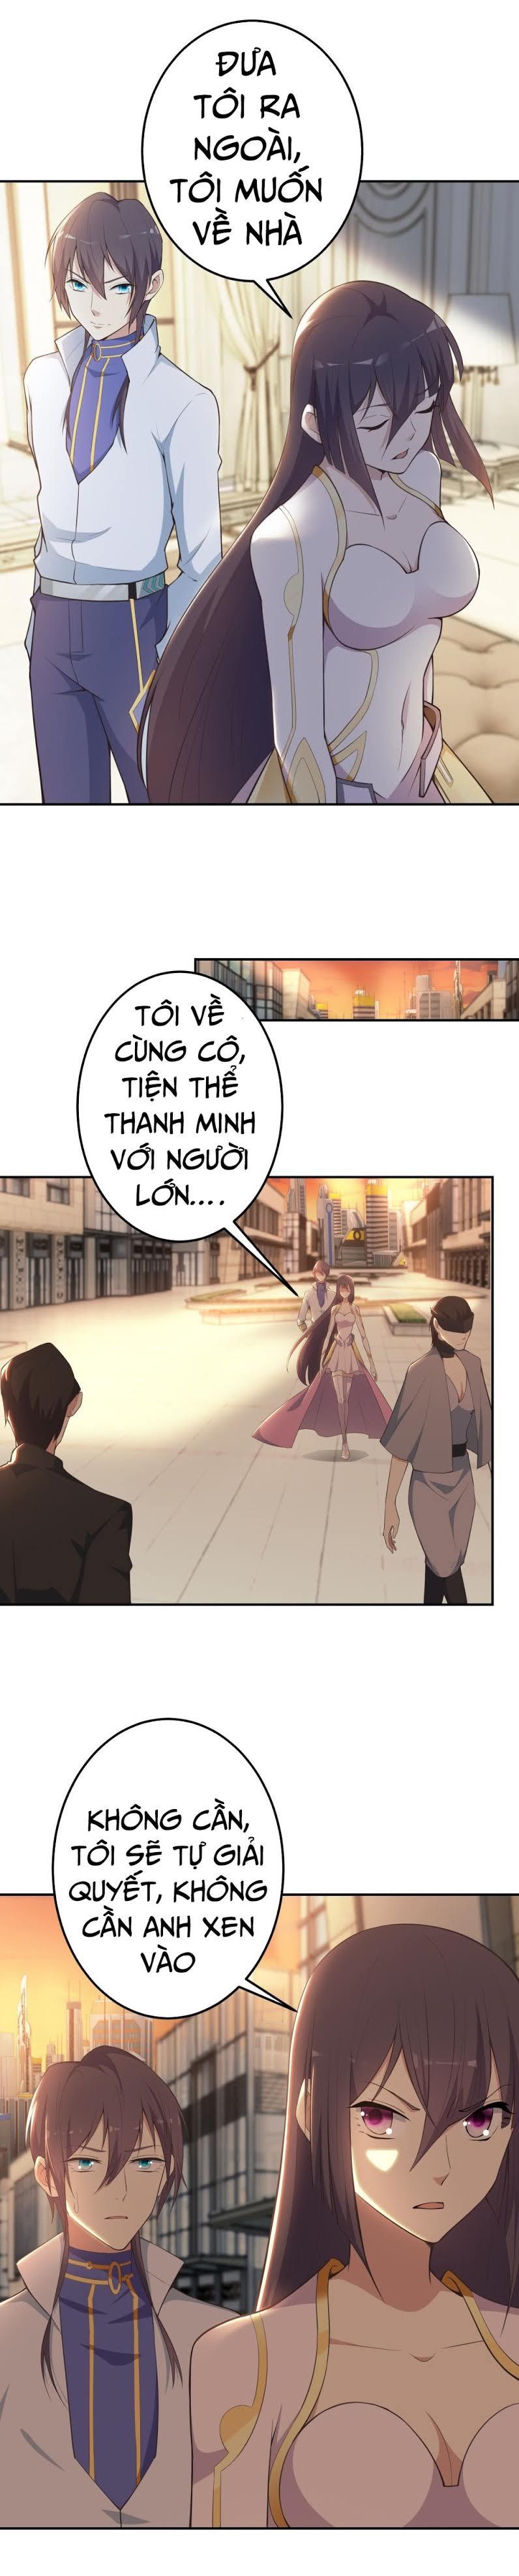 Thiên Hỏa Đại Đạo Chapter 5 video - Hamtruyen.vn